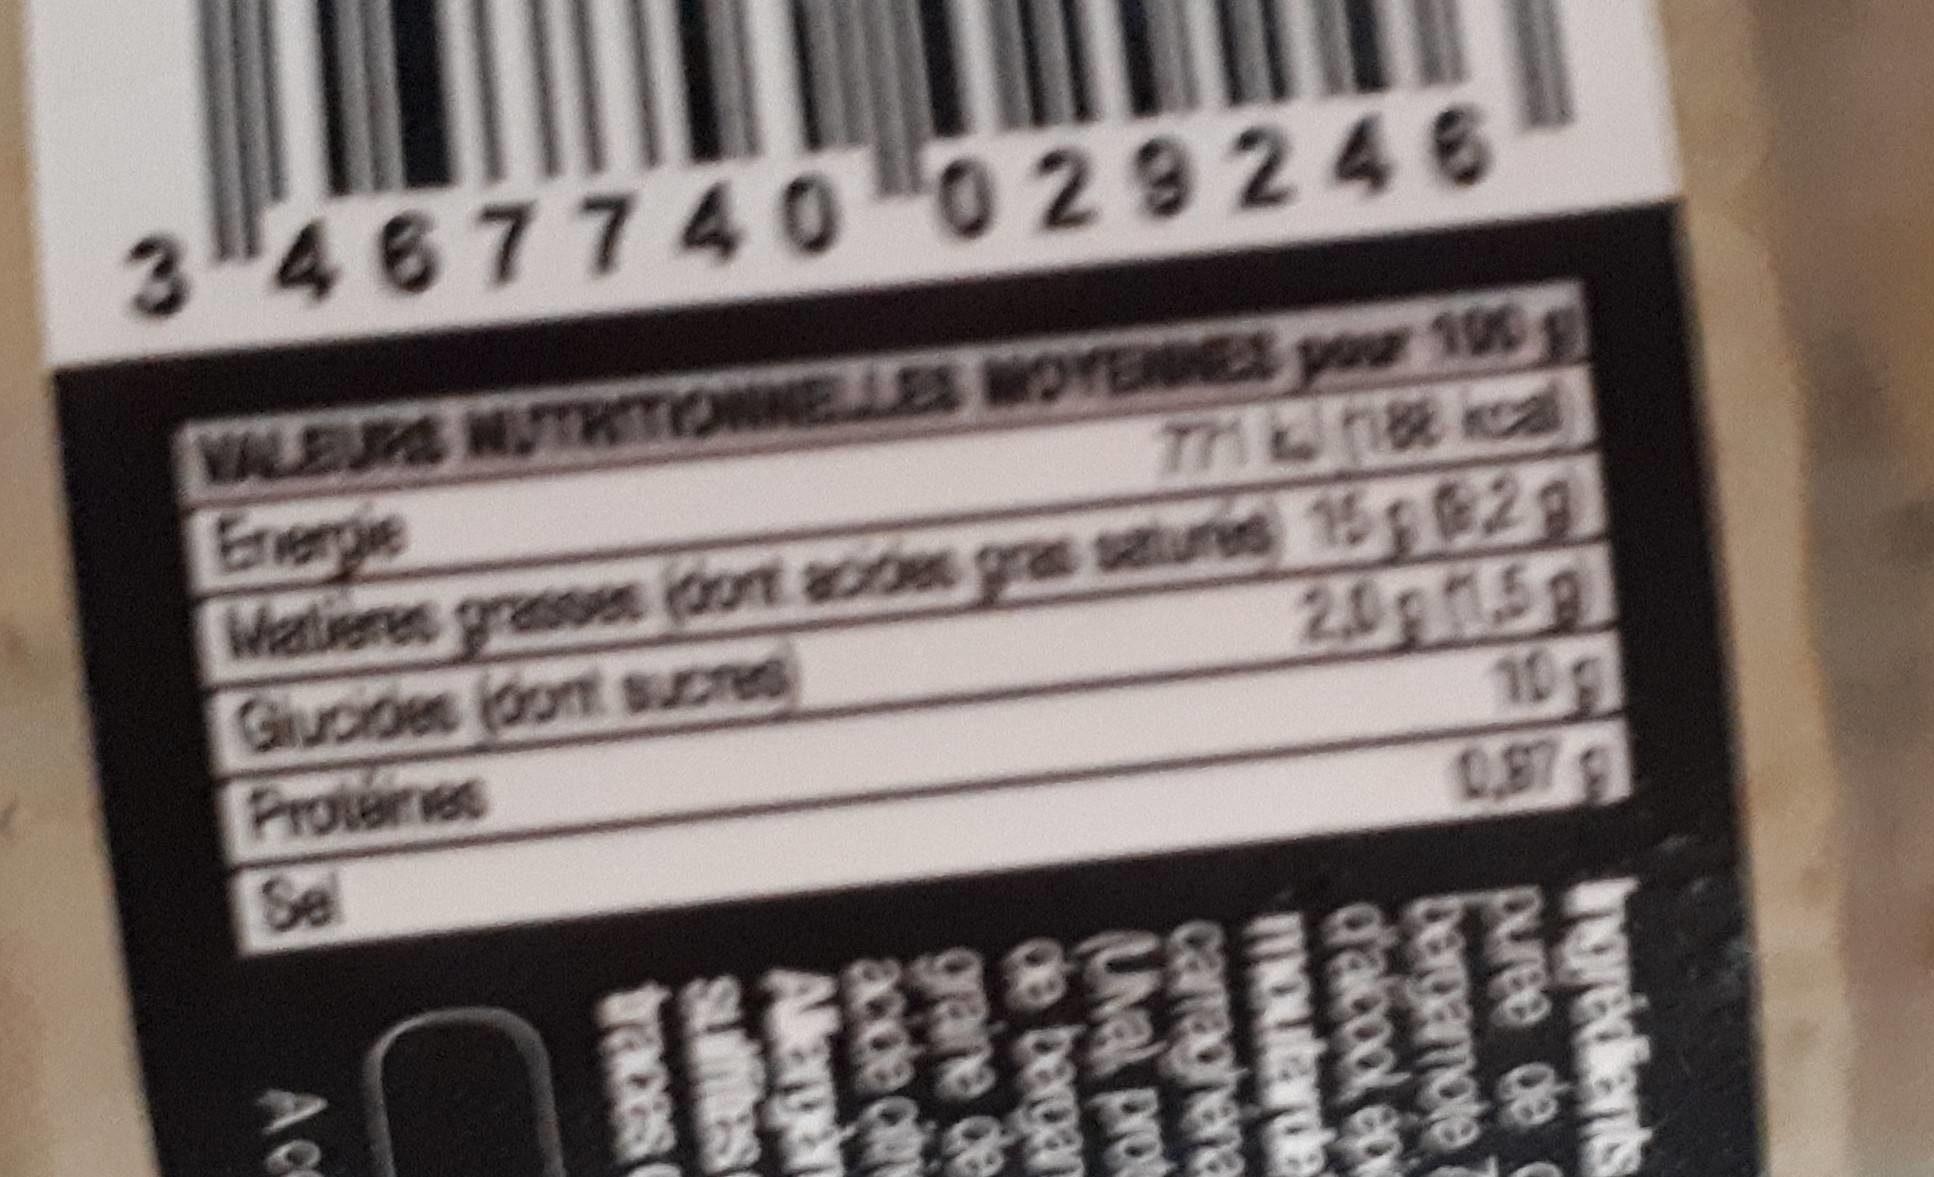 Rillettes de bar - Informations nutritionnelles